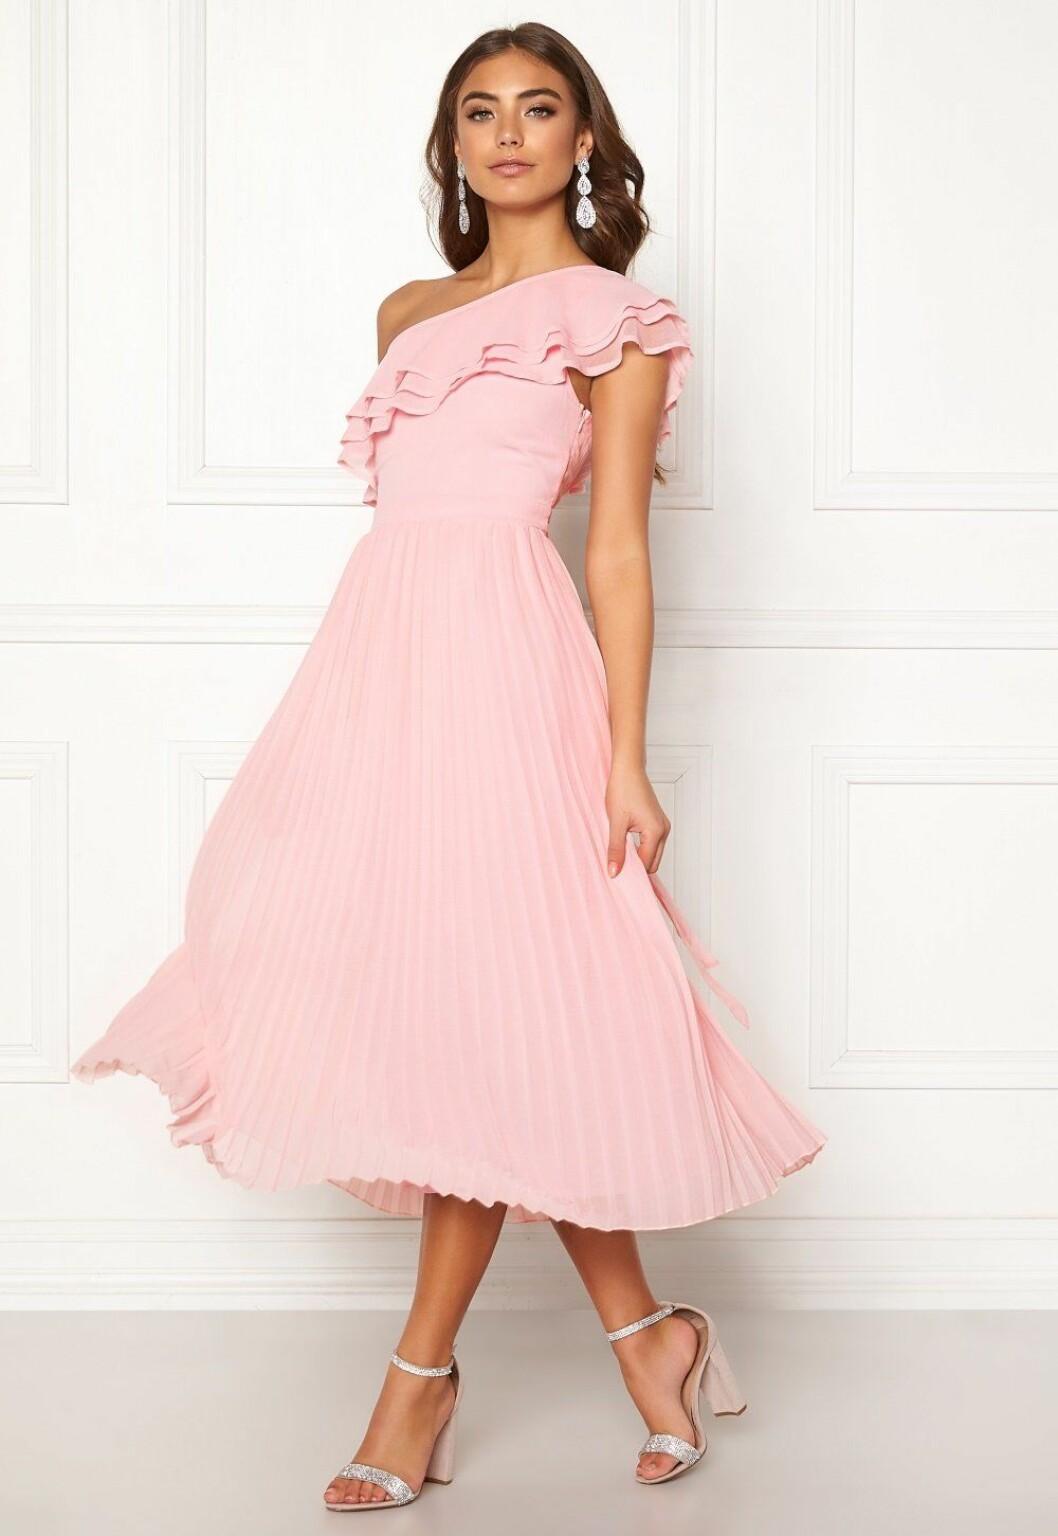 Rosa billig klänning till bröllop för dam till 2019